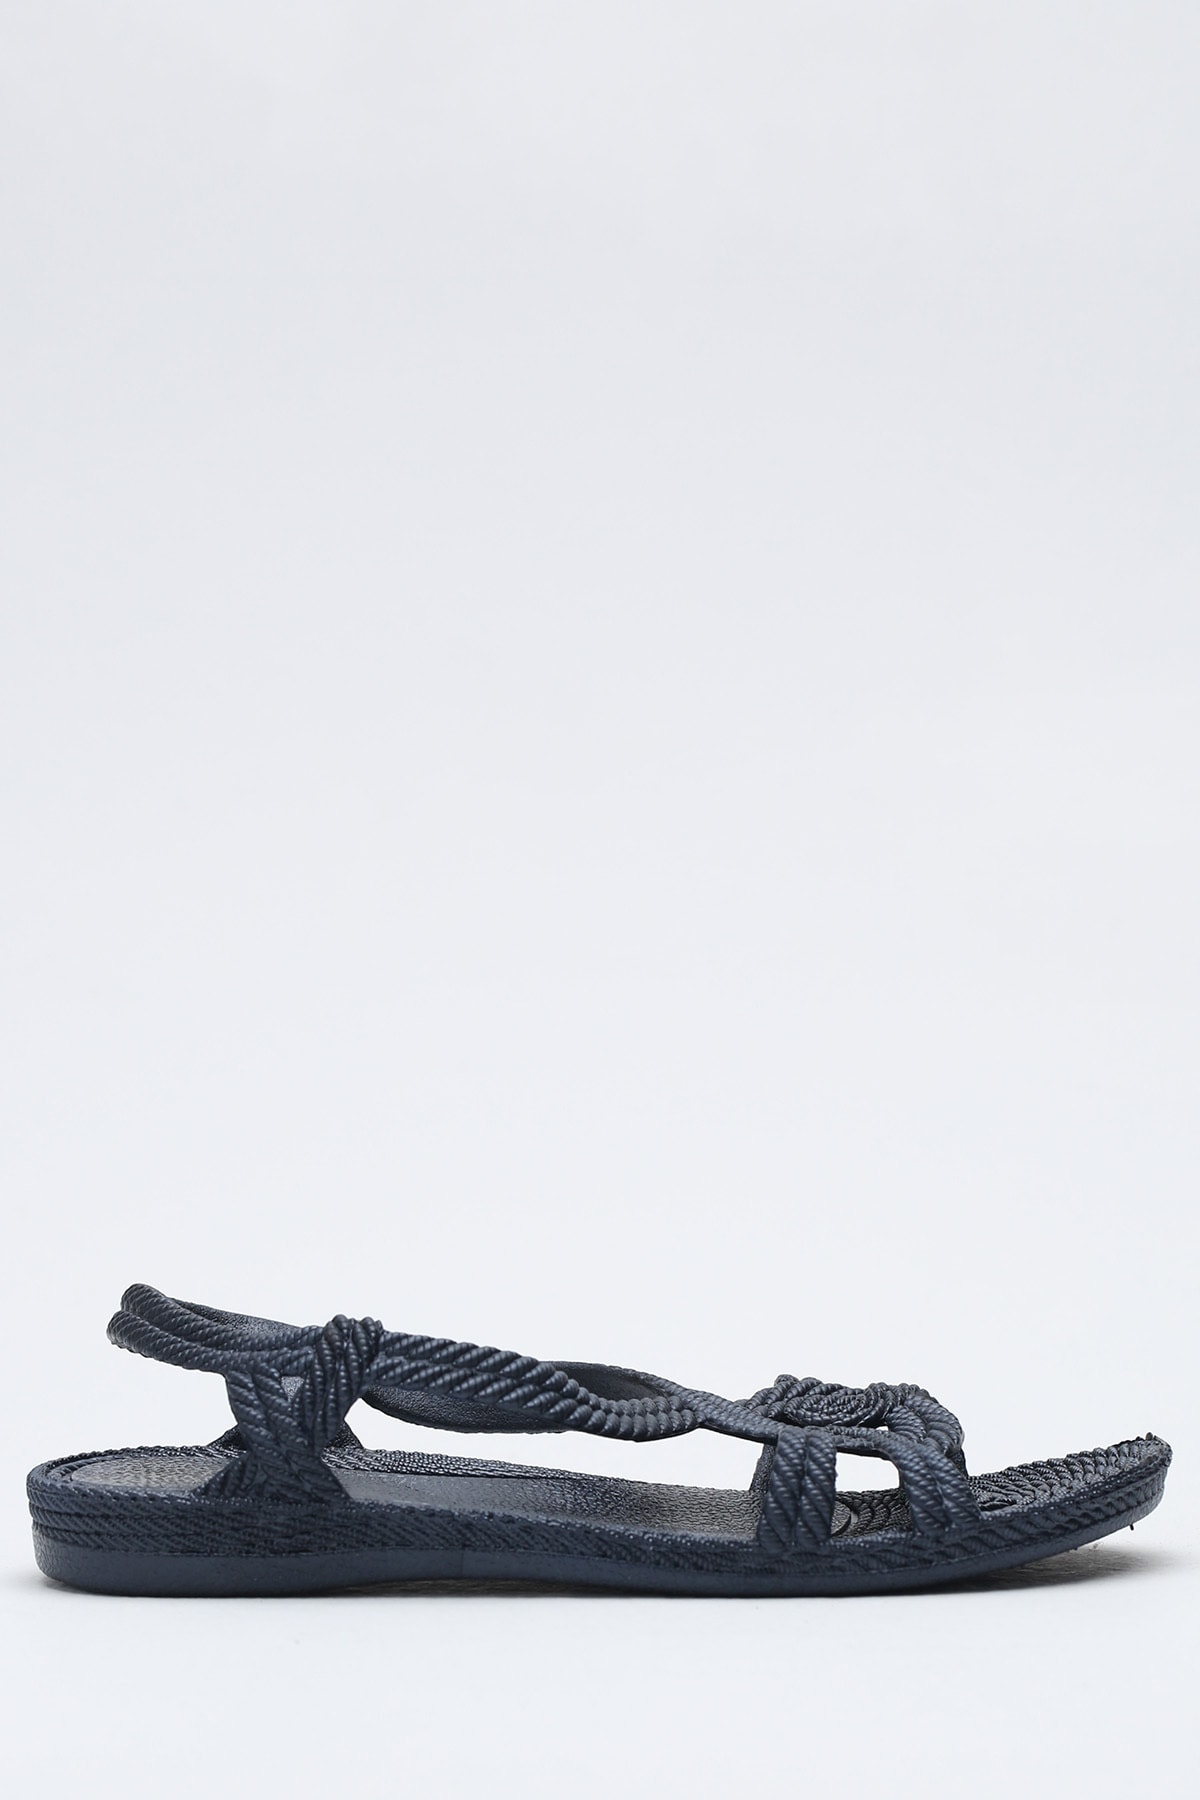 Ayakkabı Modası Lacivert Kadın Sandalet M9999-19-100244R 2